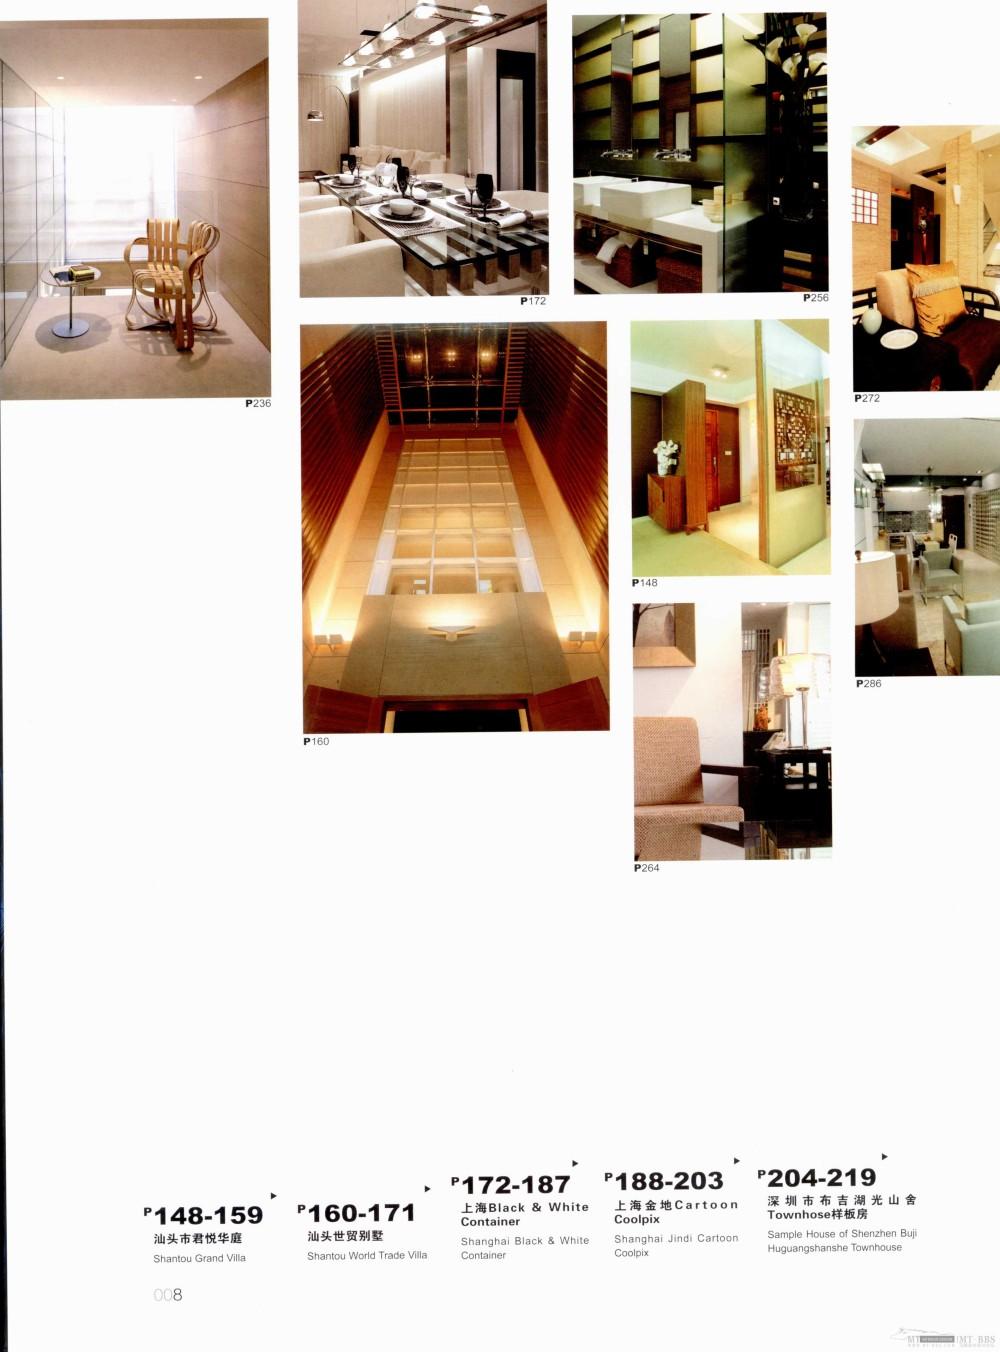 17本家装图册,已传完。_4 细部-个性家居_页面_001.jpg